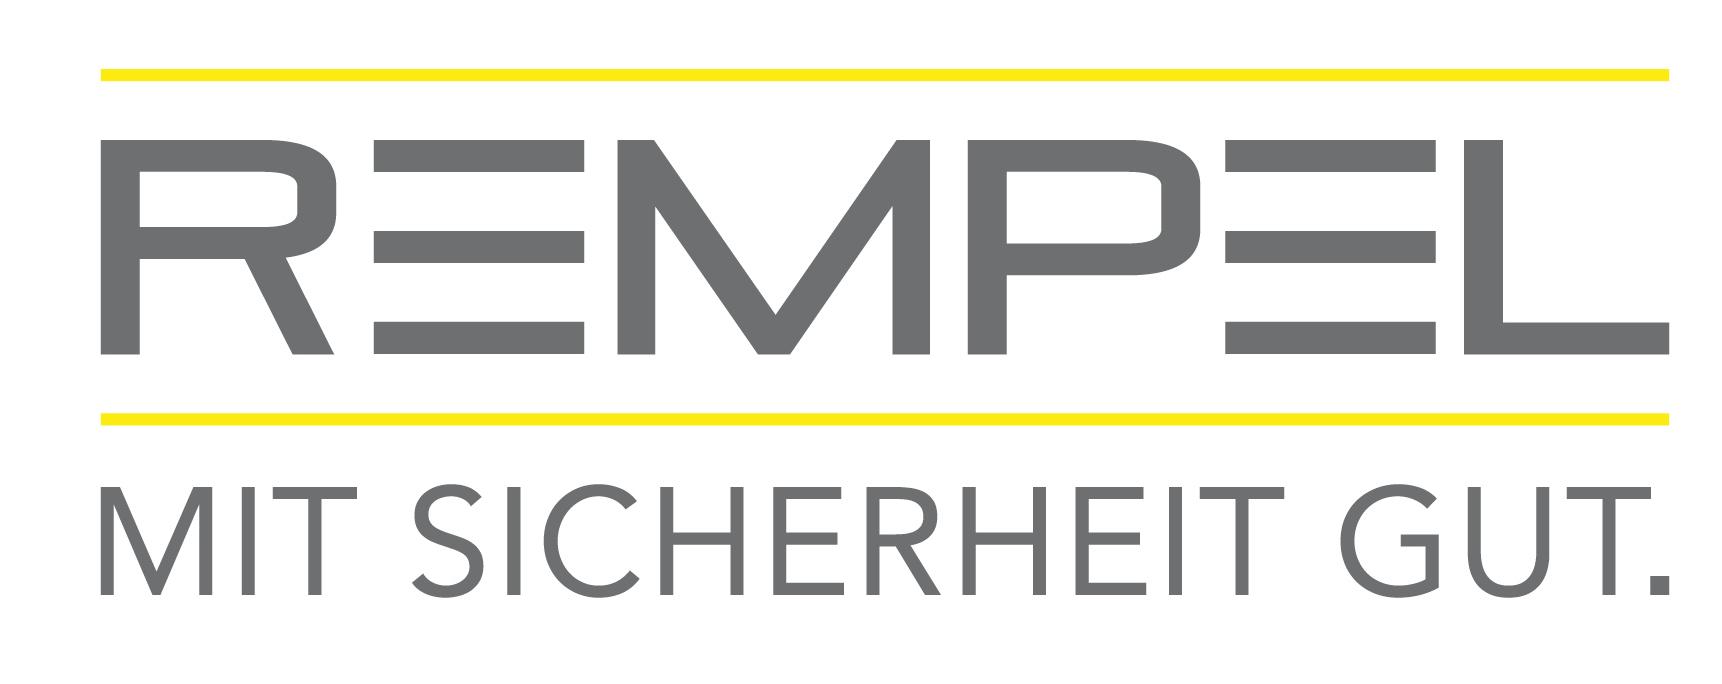 Rempel GmbH – Mit Sicherheit Gut.